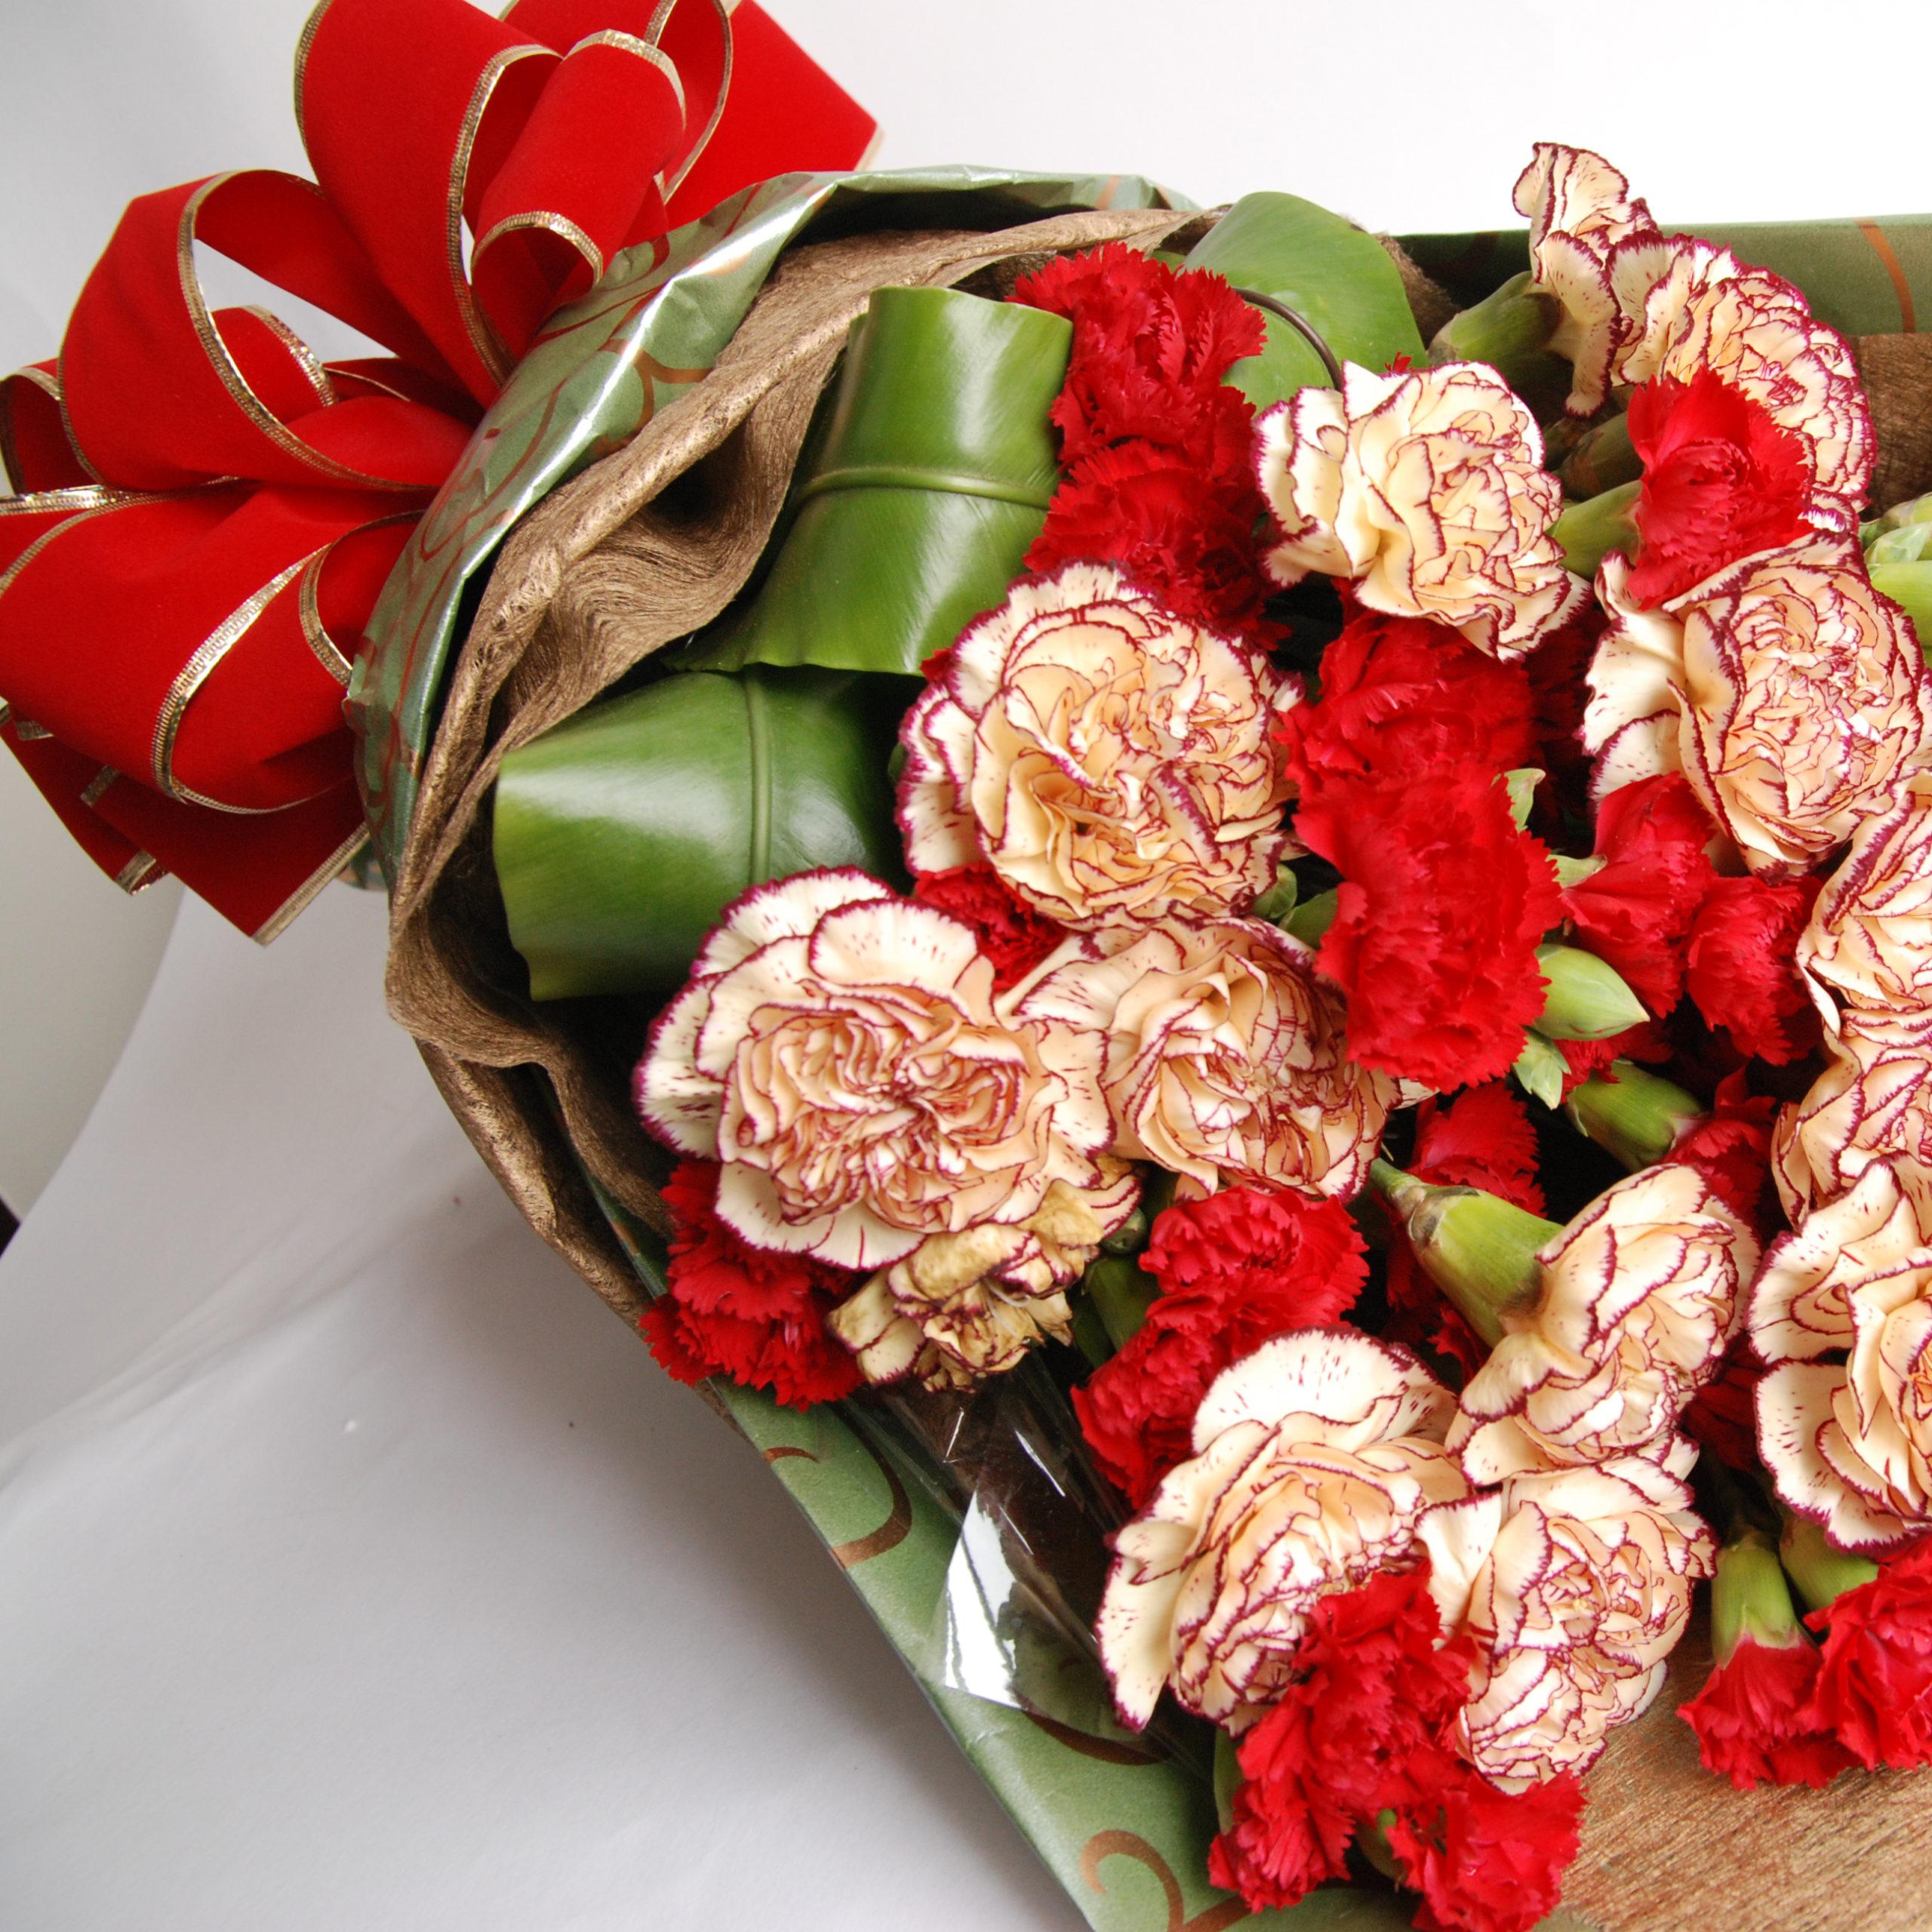 【巧繪網-FH030047滿馨歡喜】雙色康乃馨母親節花束禮物線上花店